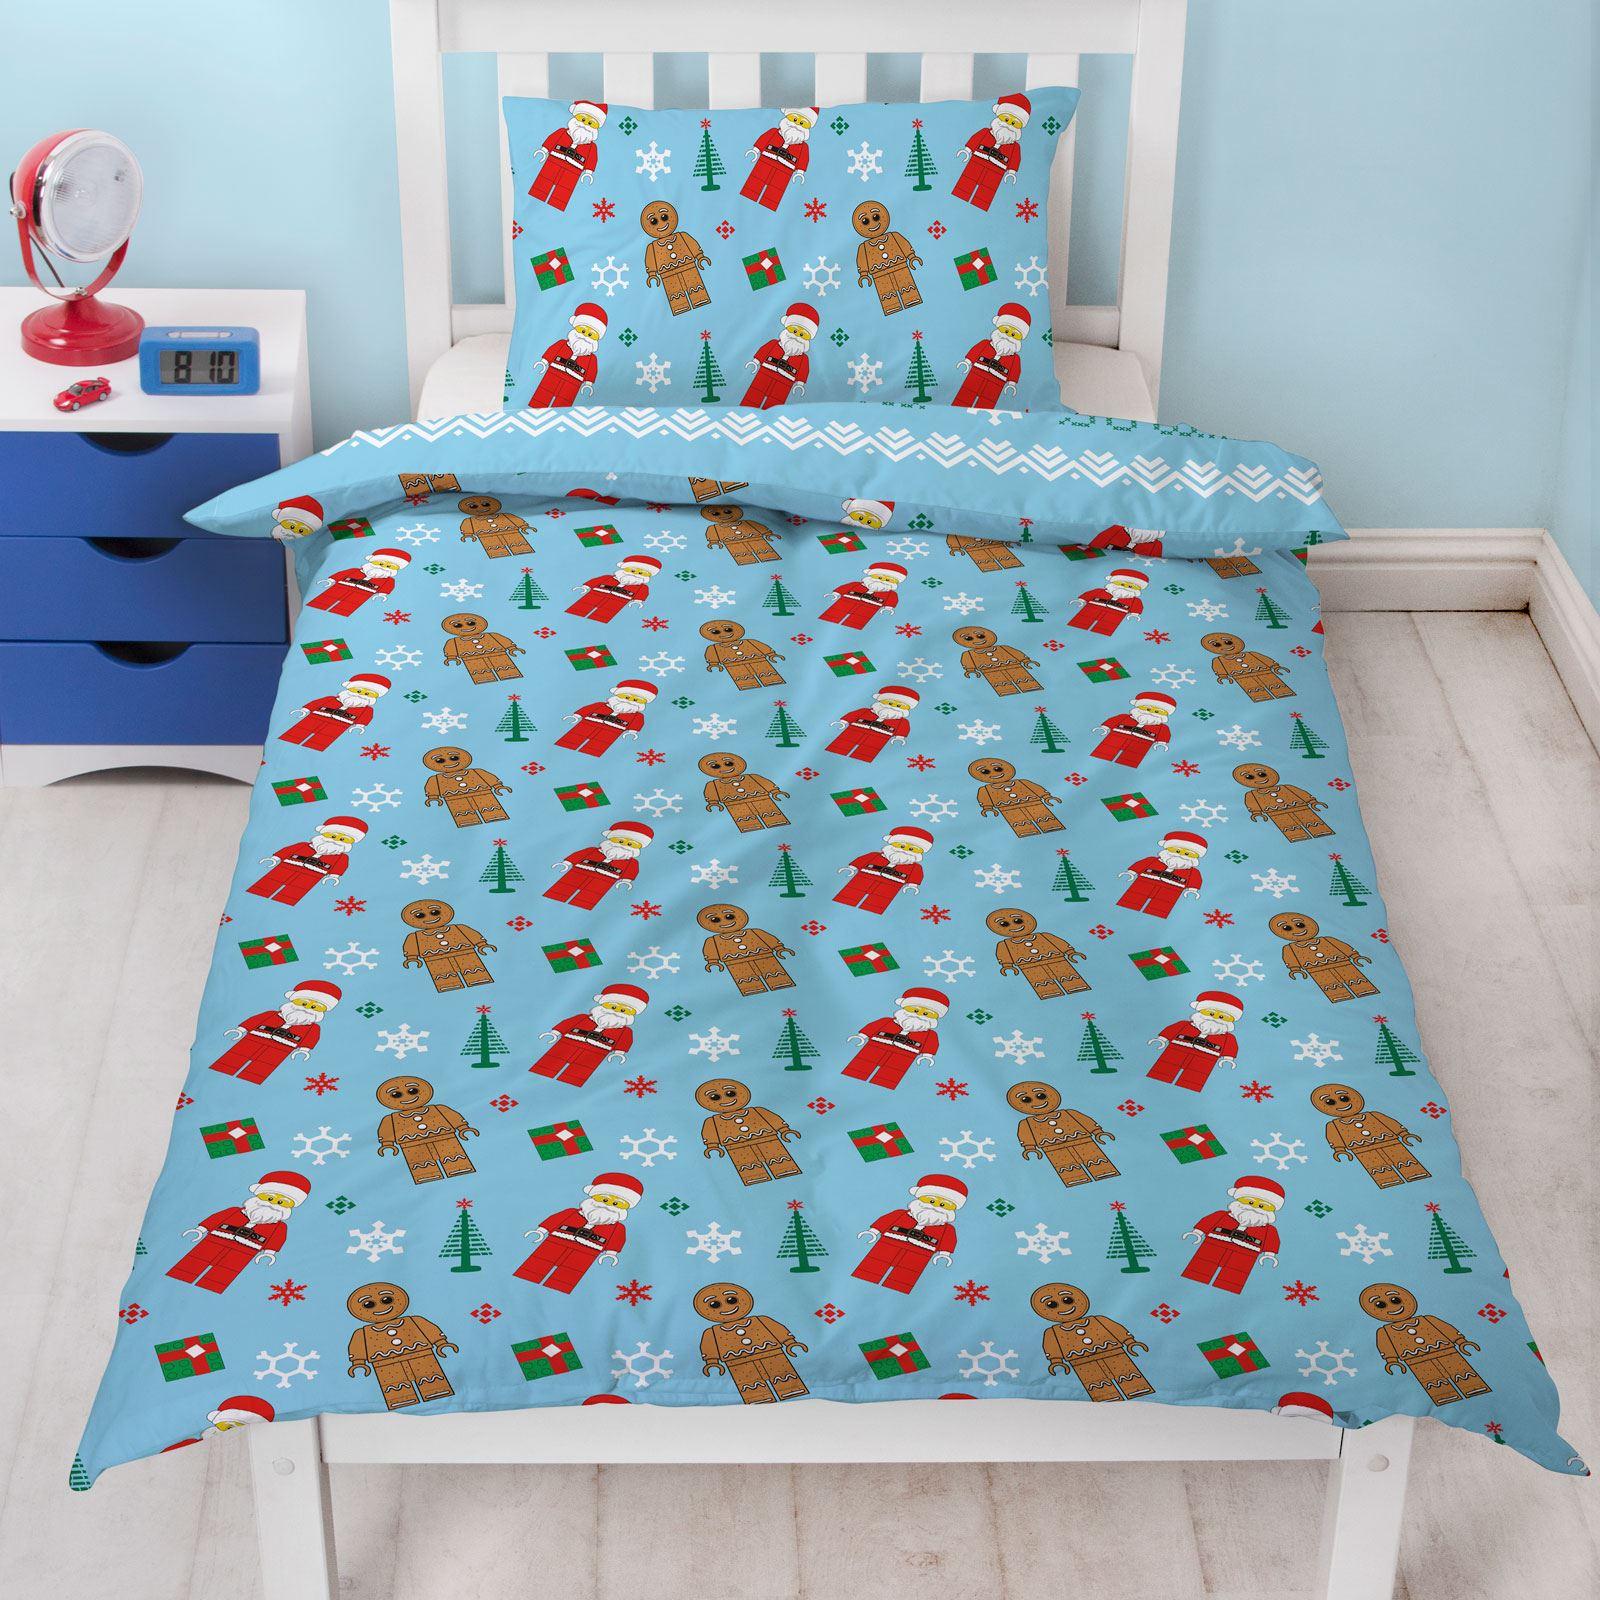 Indexbild 43 - Kinder Weihnachten Bettbezug Sets - Junior Einzel Doppel King - Elf Emoji Grinch